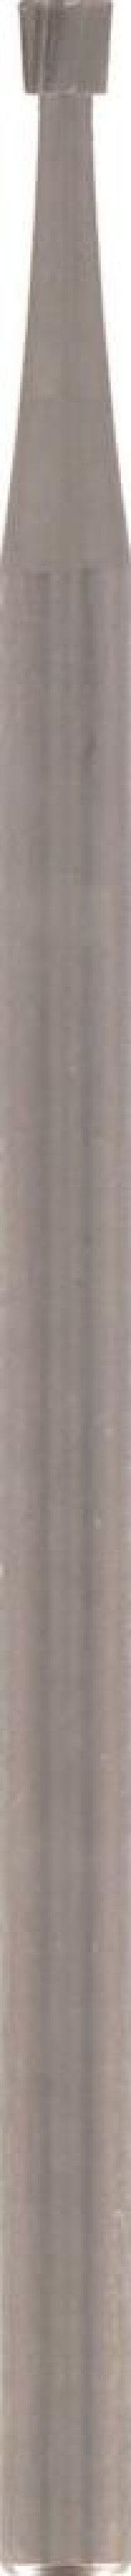 Dremel Gravür Kesici 1,9 Mm (110) (3 Adet)